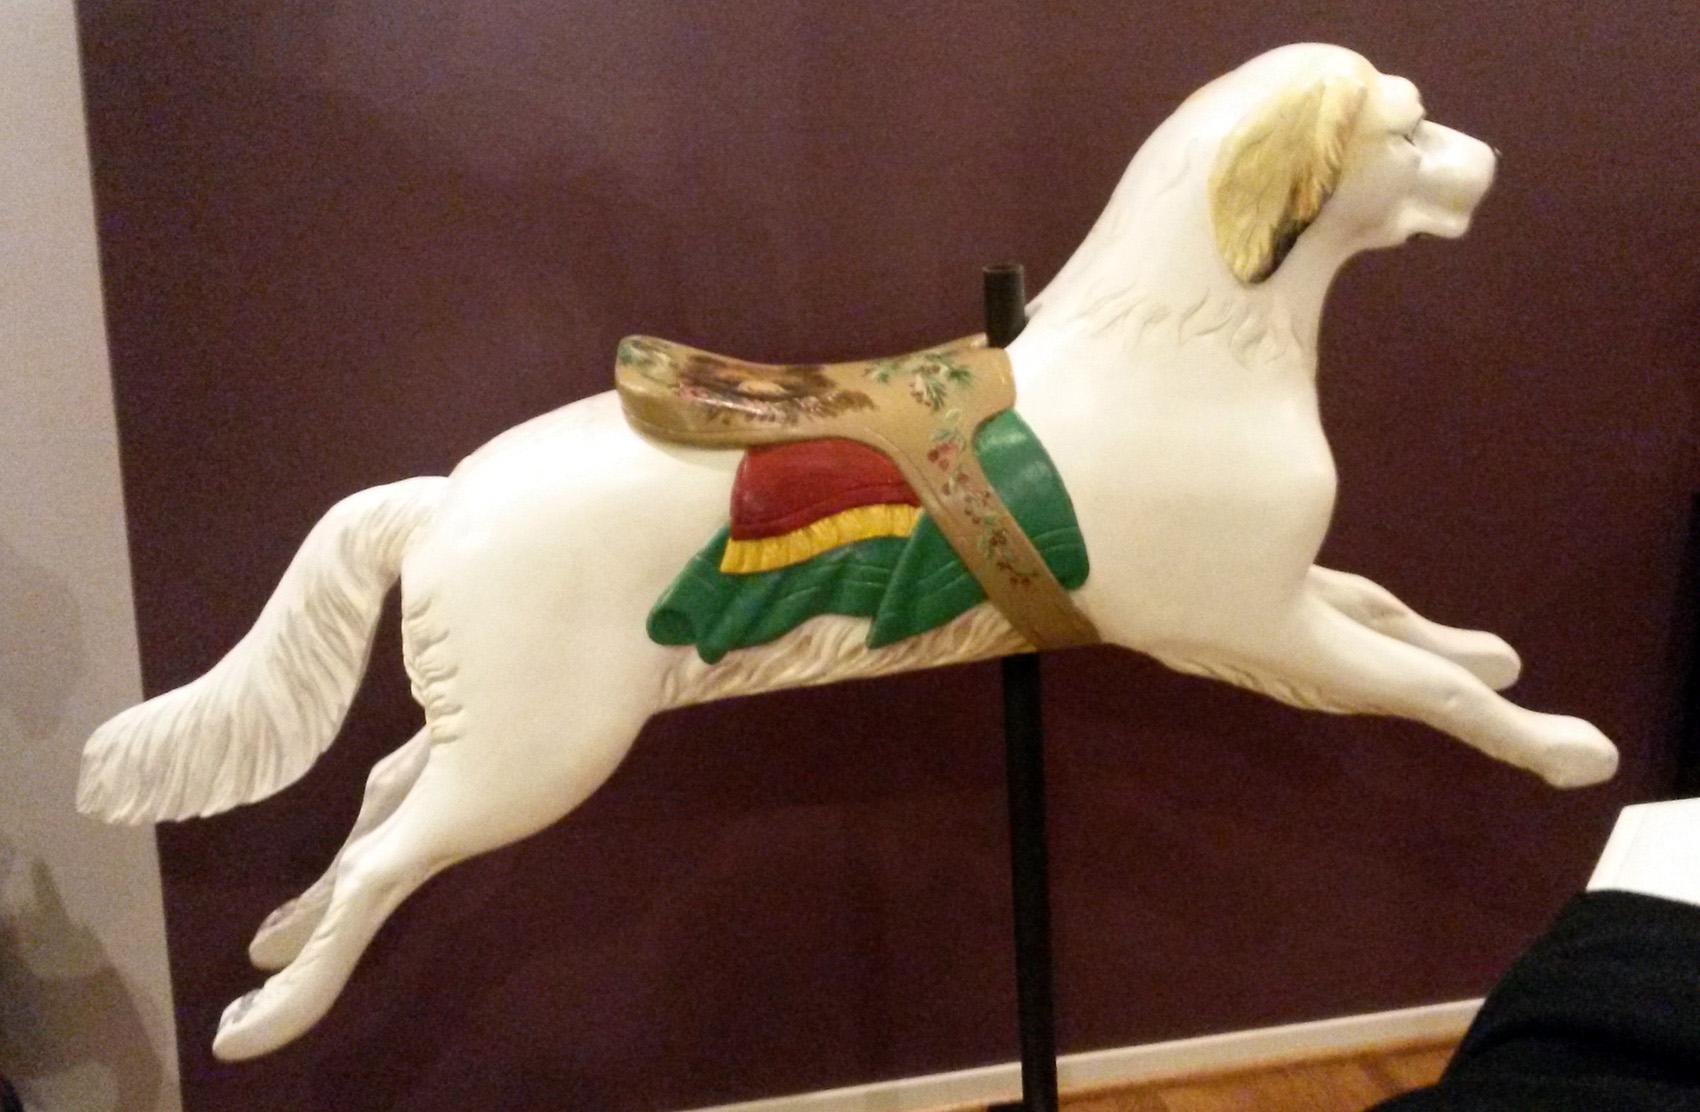 1912-Herschell-Spillman-carousel-dog-side